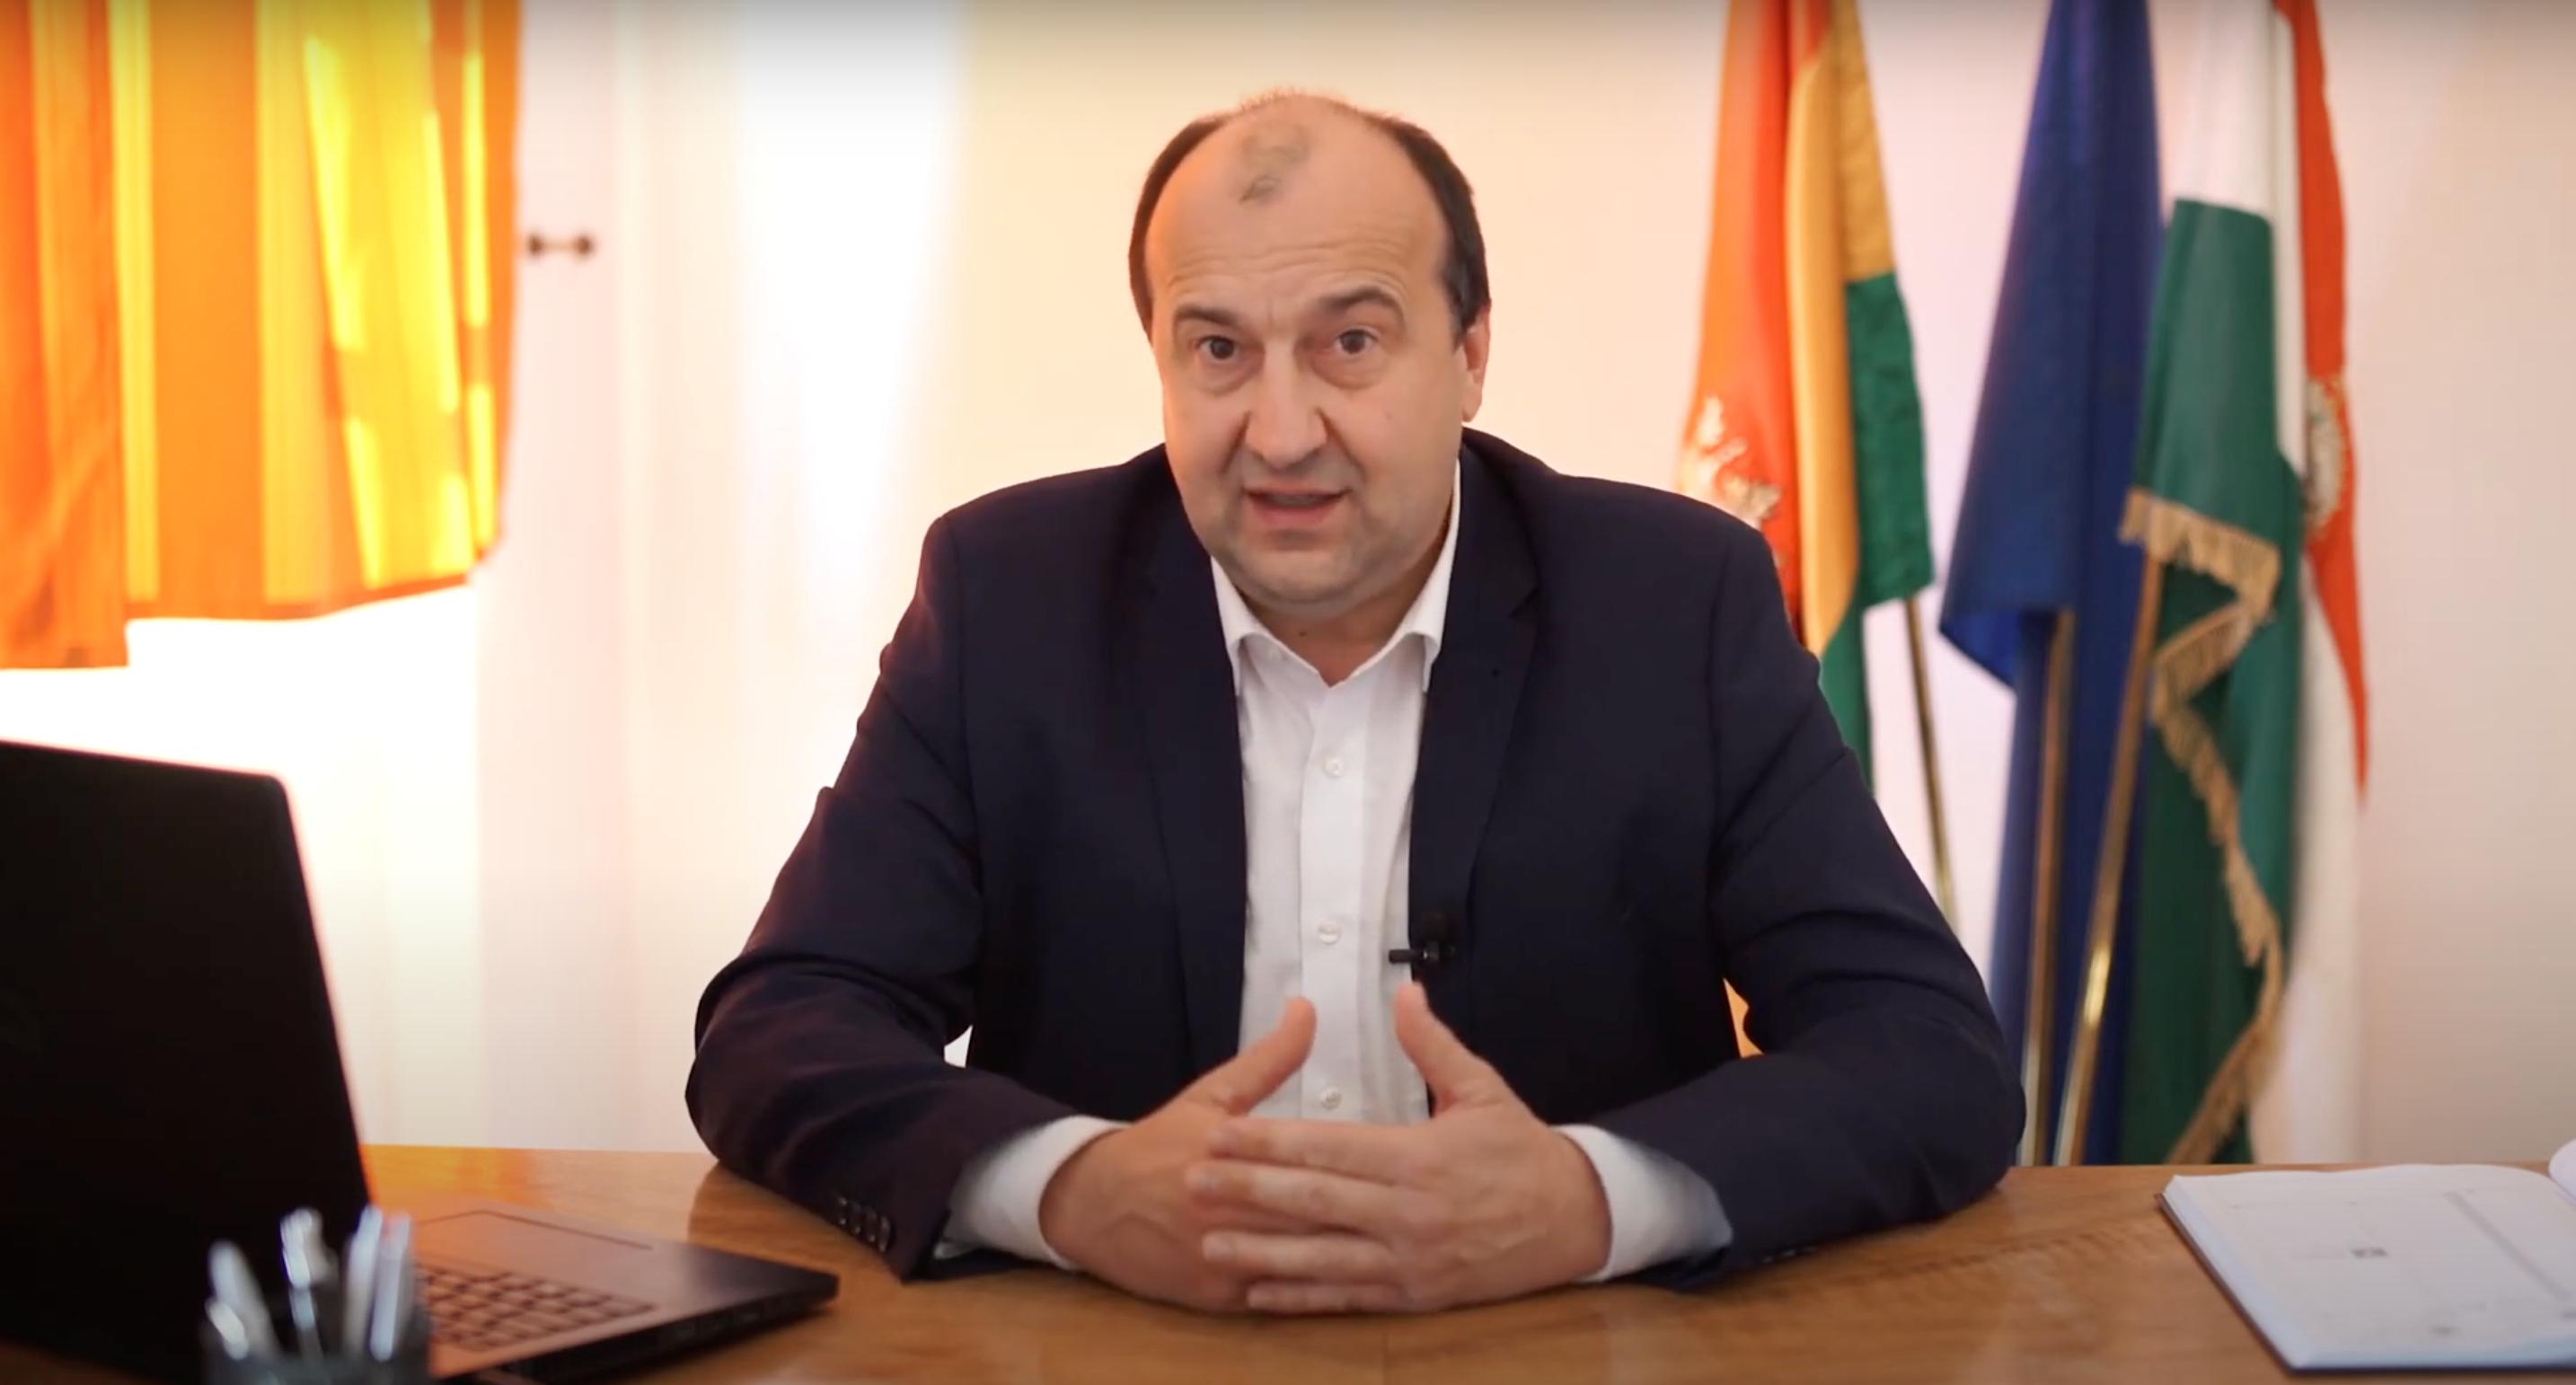 Komáromi polgármester: Nagyon súlyos a helyzet a városunkban